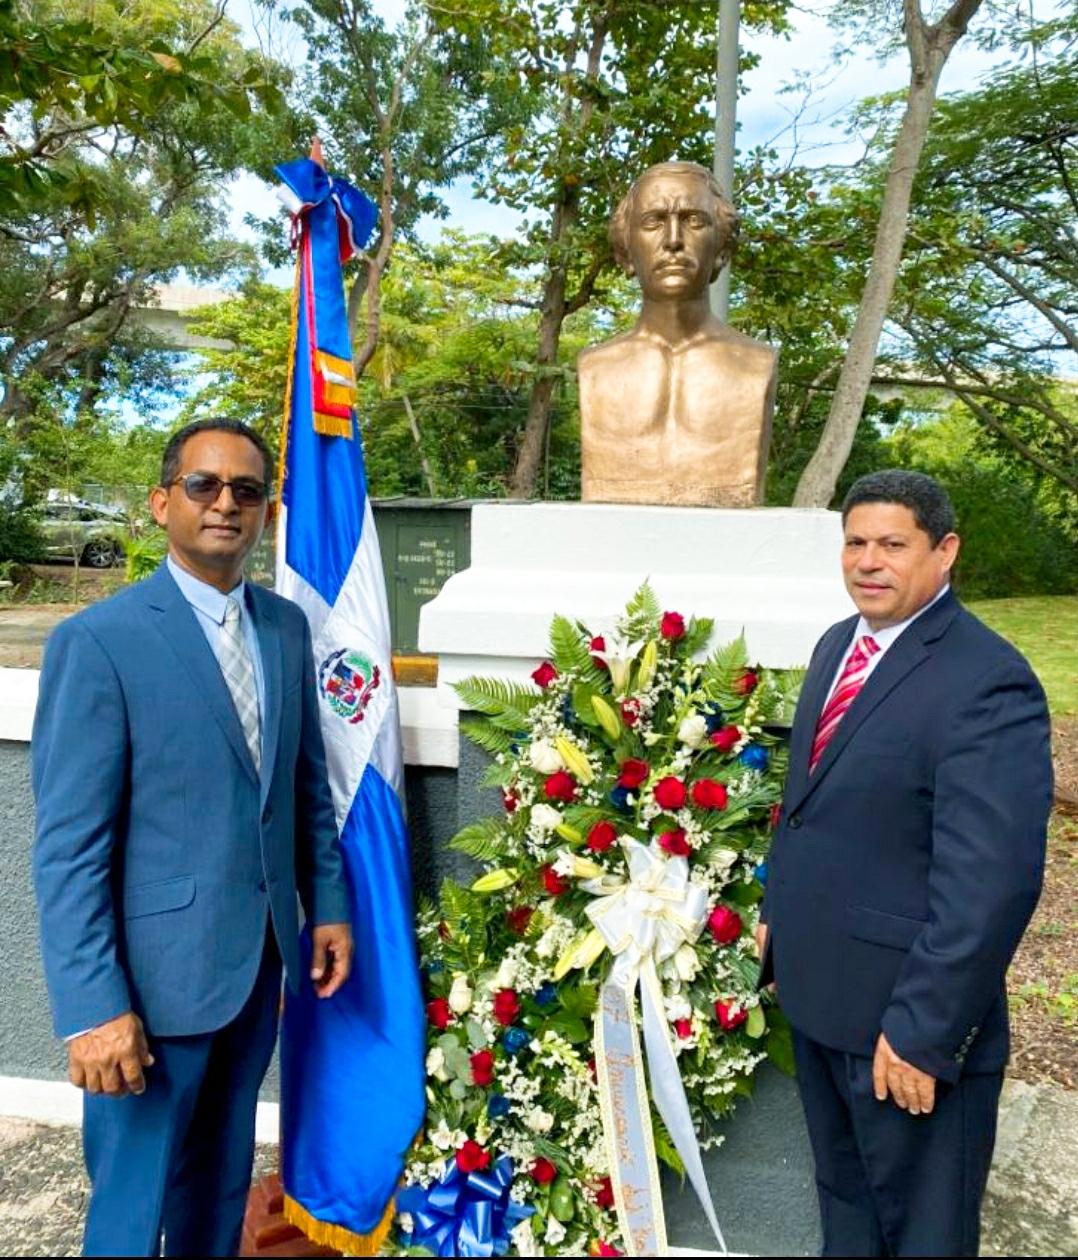 Conmemoran en Puerto Rico el 207 aniversario del natalicio de Juan Pablo Duarte